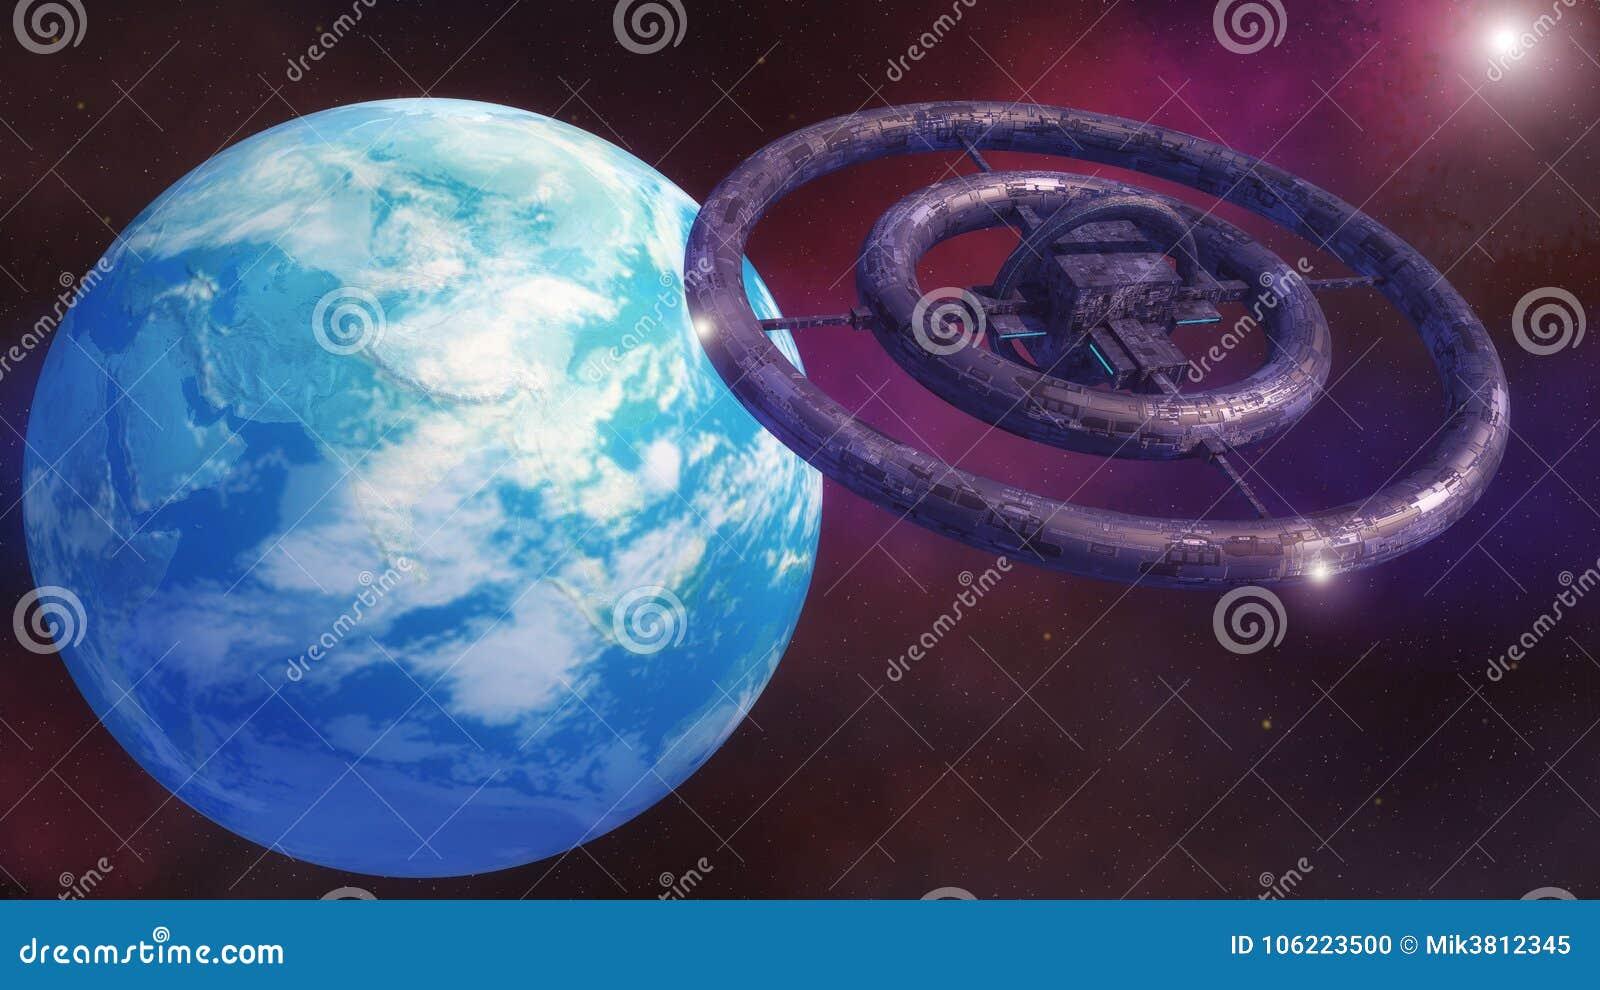 Futuristic alien Spaceship